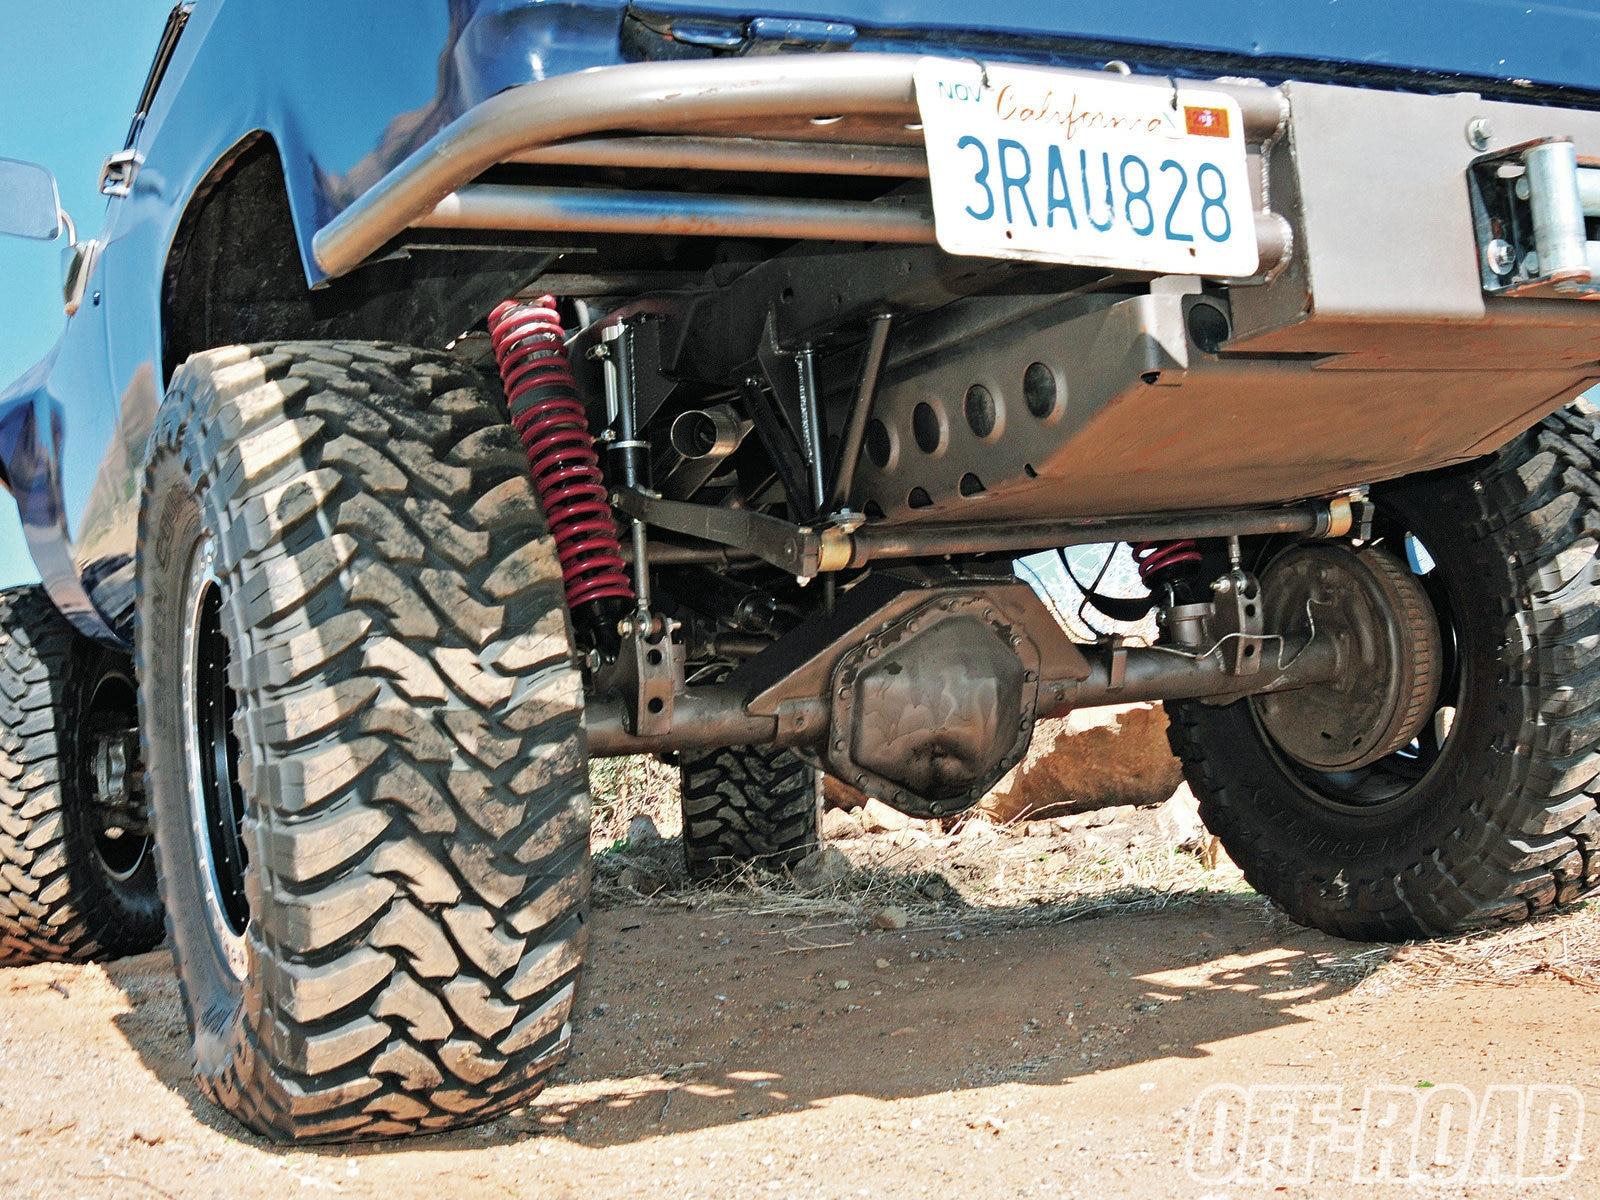 Getting More Aggressive - K5 Blazer Rear Suspension ...